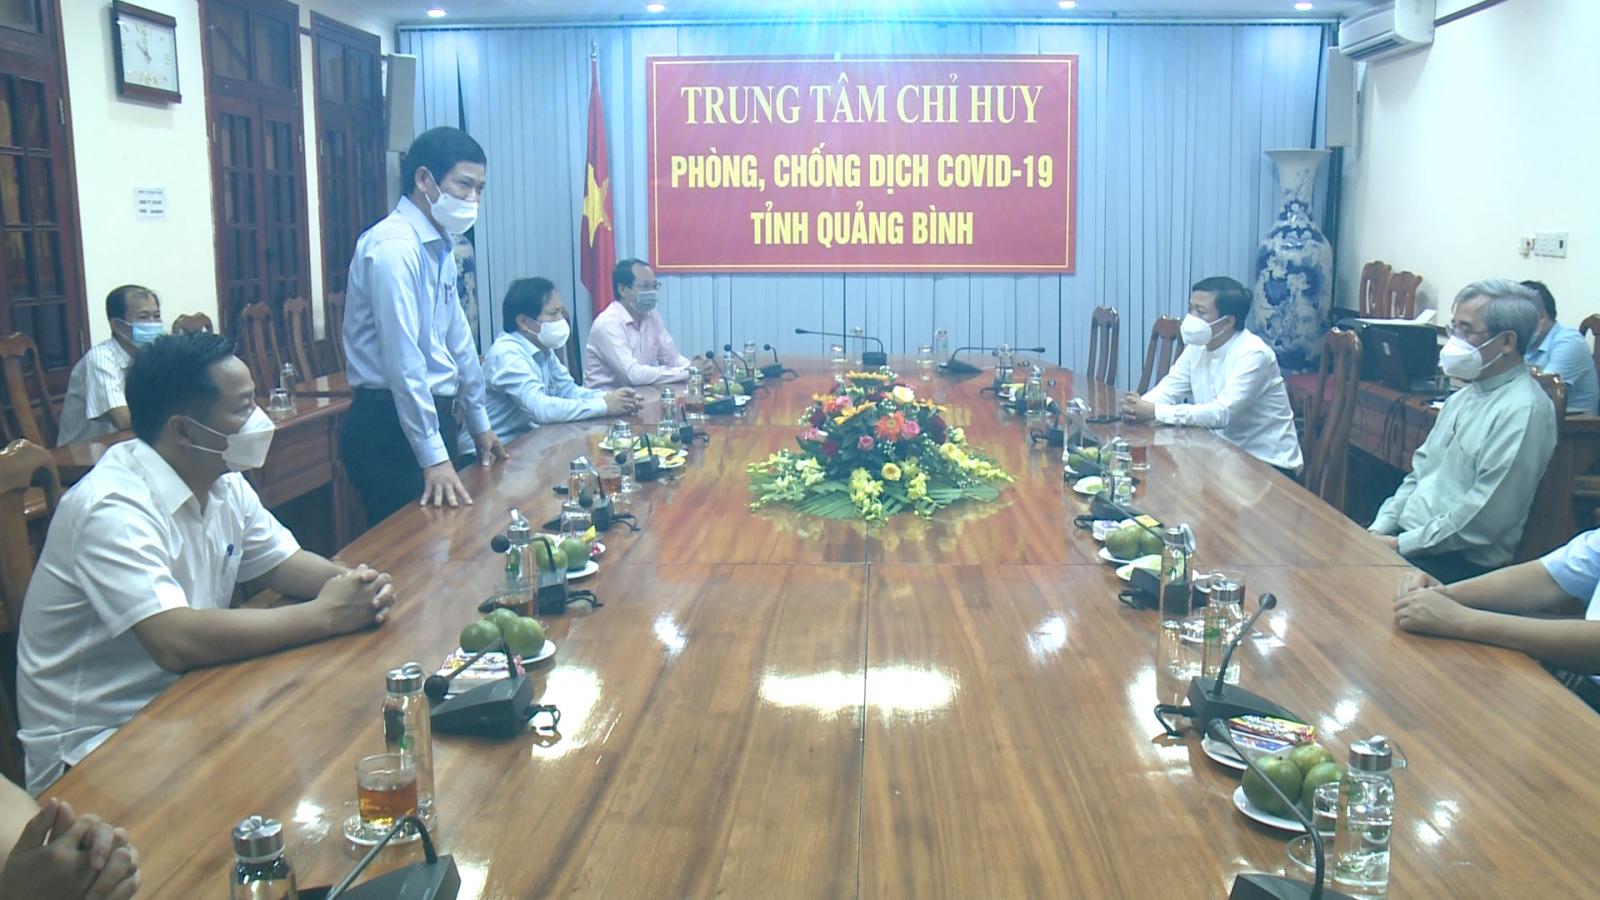 Tòa Giám mục Giáo phận Hà Tĩnh ủng hộ 200 triệu đồng cho Quảng Bình phòng, chống dịch Covid-19